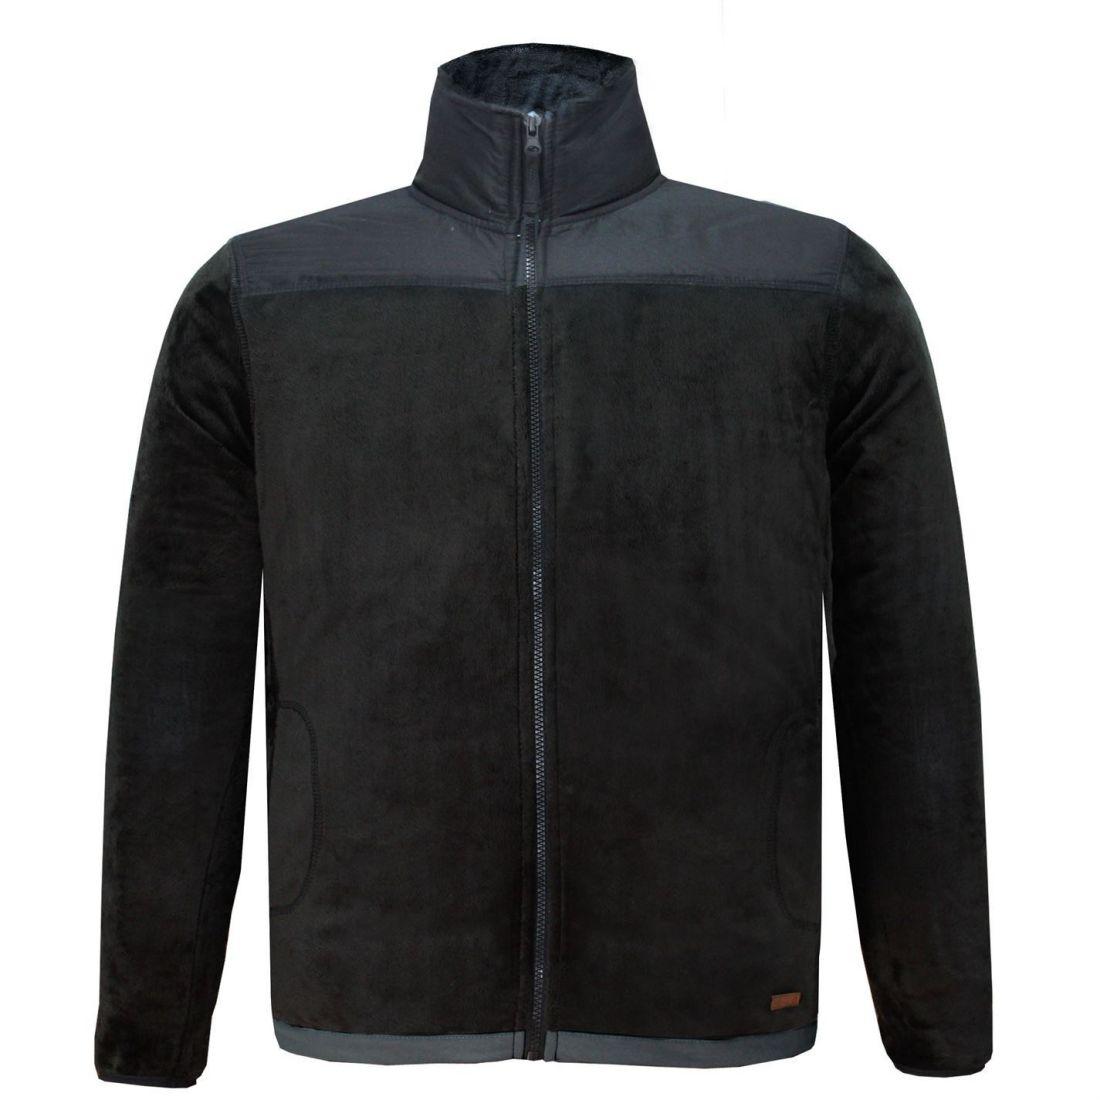 Lee-Cooper-Mens-Teddy-Fleece-Jacket-Full-Zip-Top-Coat-Sweatshirt-Jumper-Warm thumbnail 5